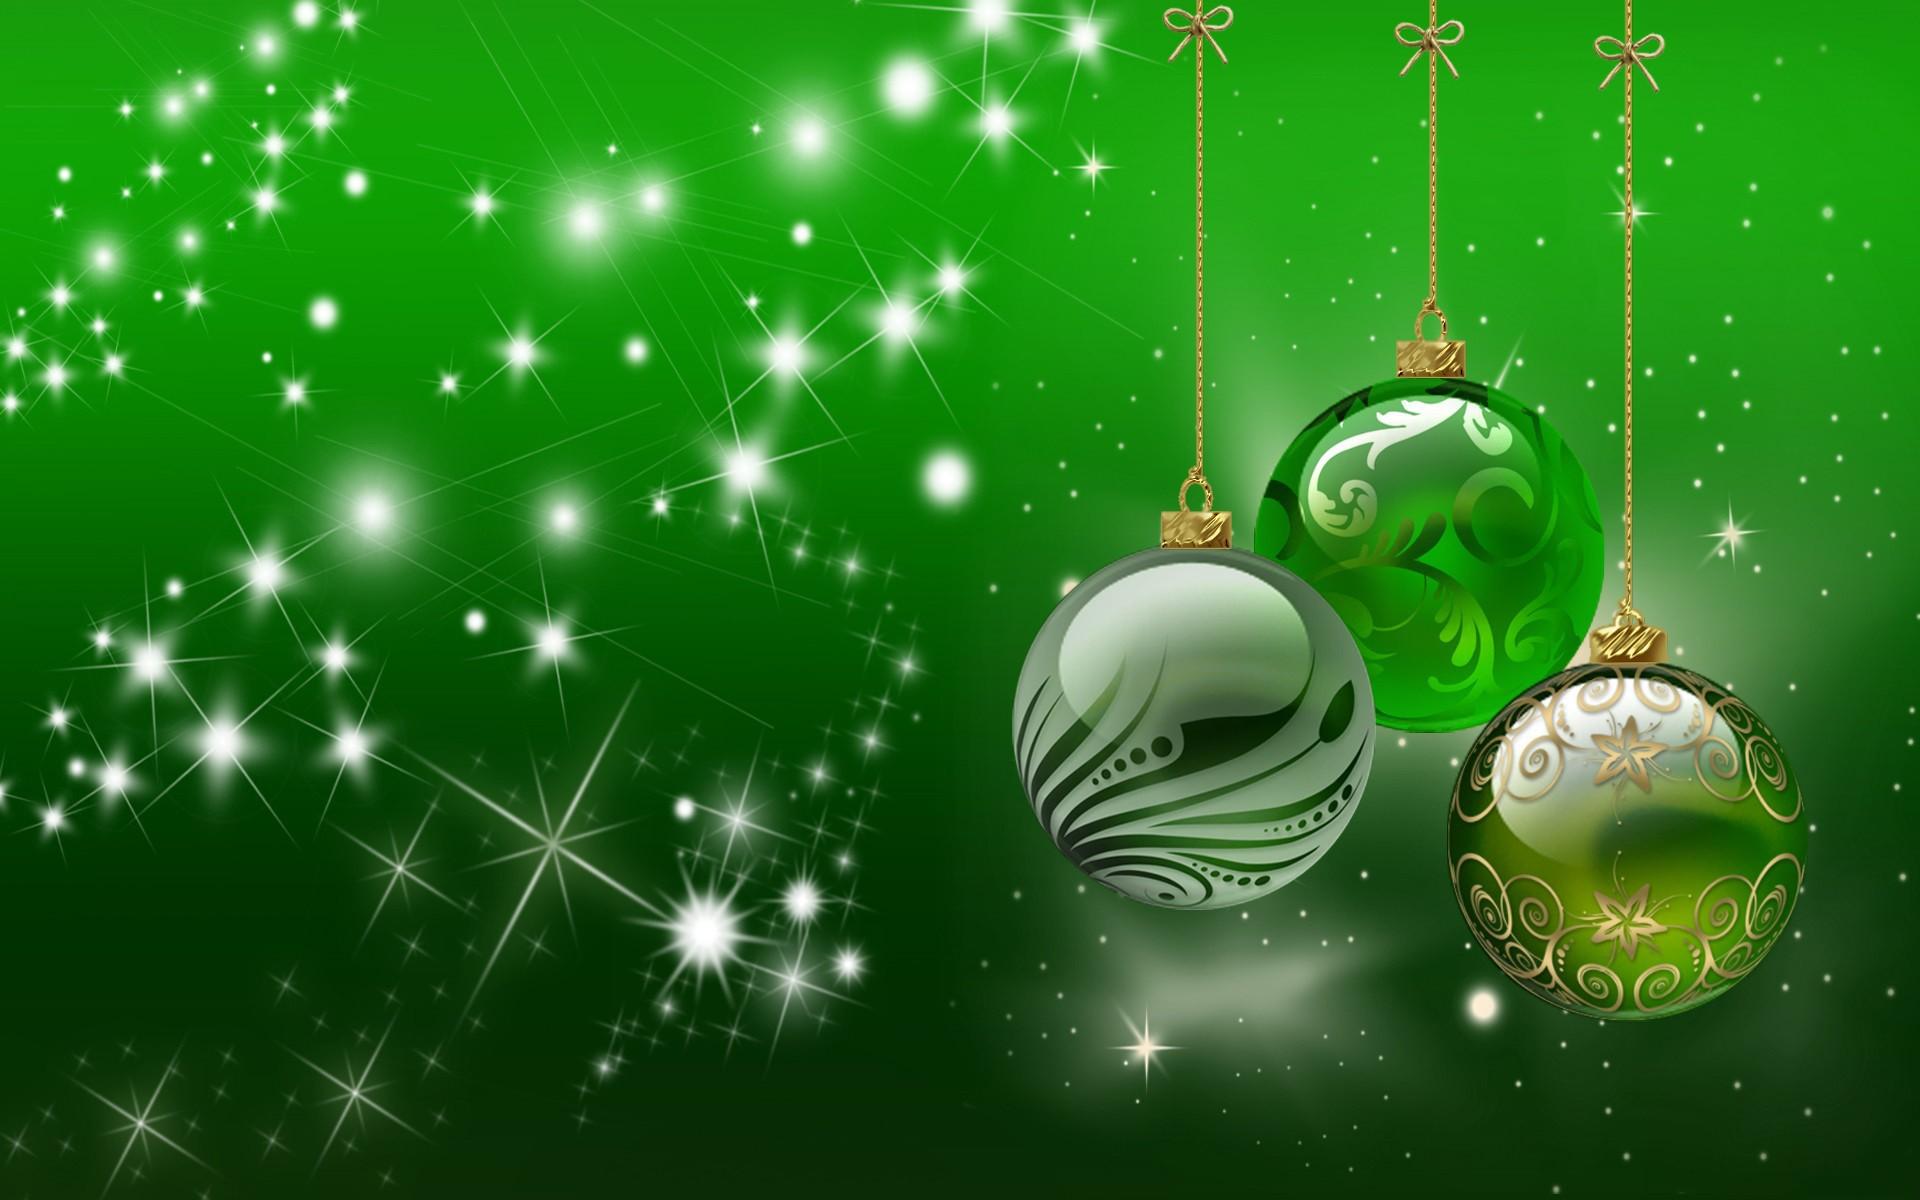 Новогодний зеленый фон для открытки